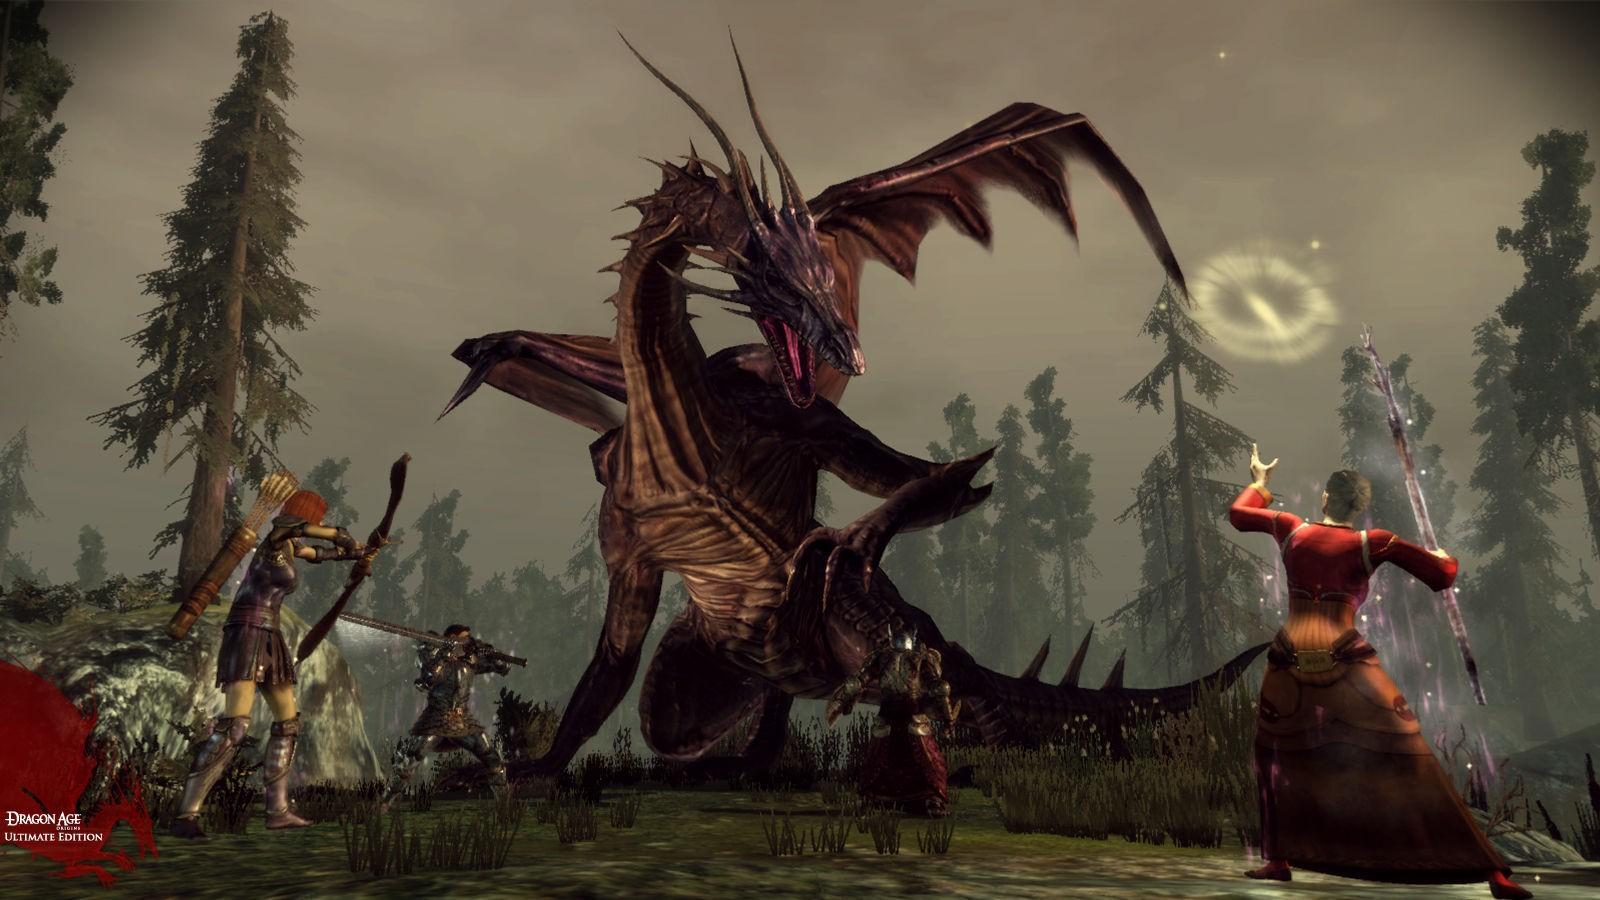 Dragon Age: Origins tiene un gran parche para fanáticos que corrige 790 errores